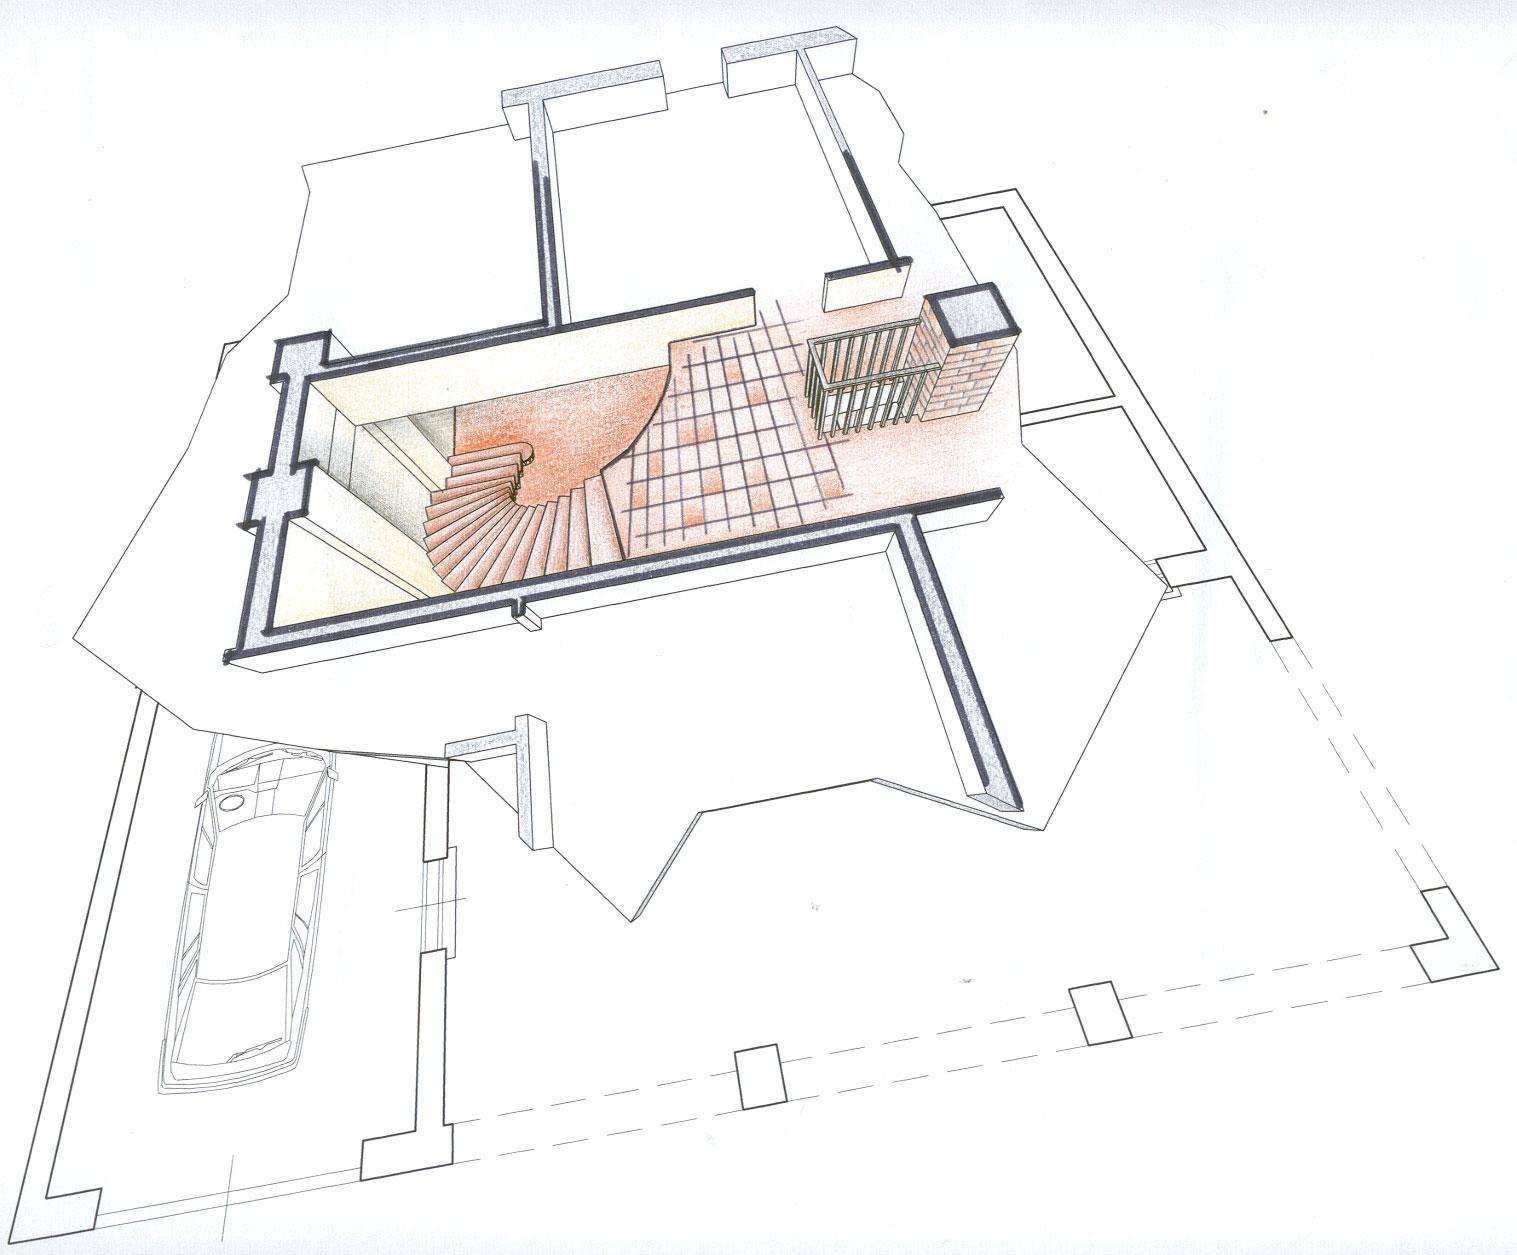 Plusvalenza archives immobiliare blog - Prima casa non pignorabile dalle banche ...